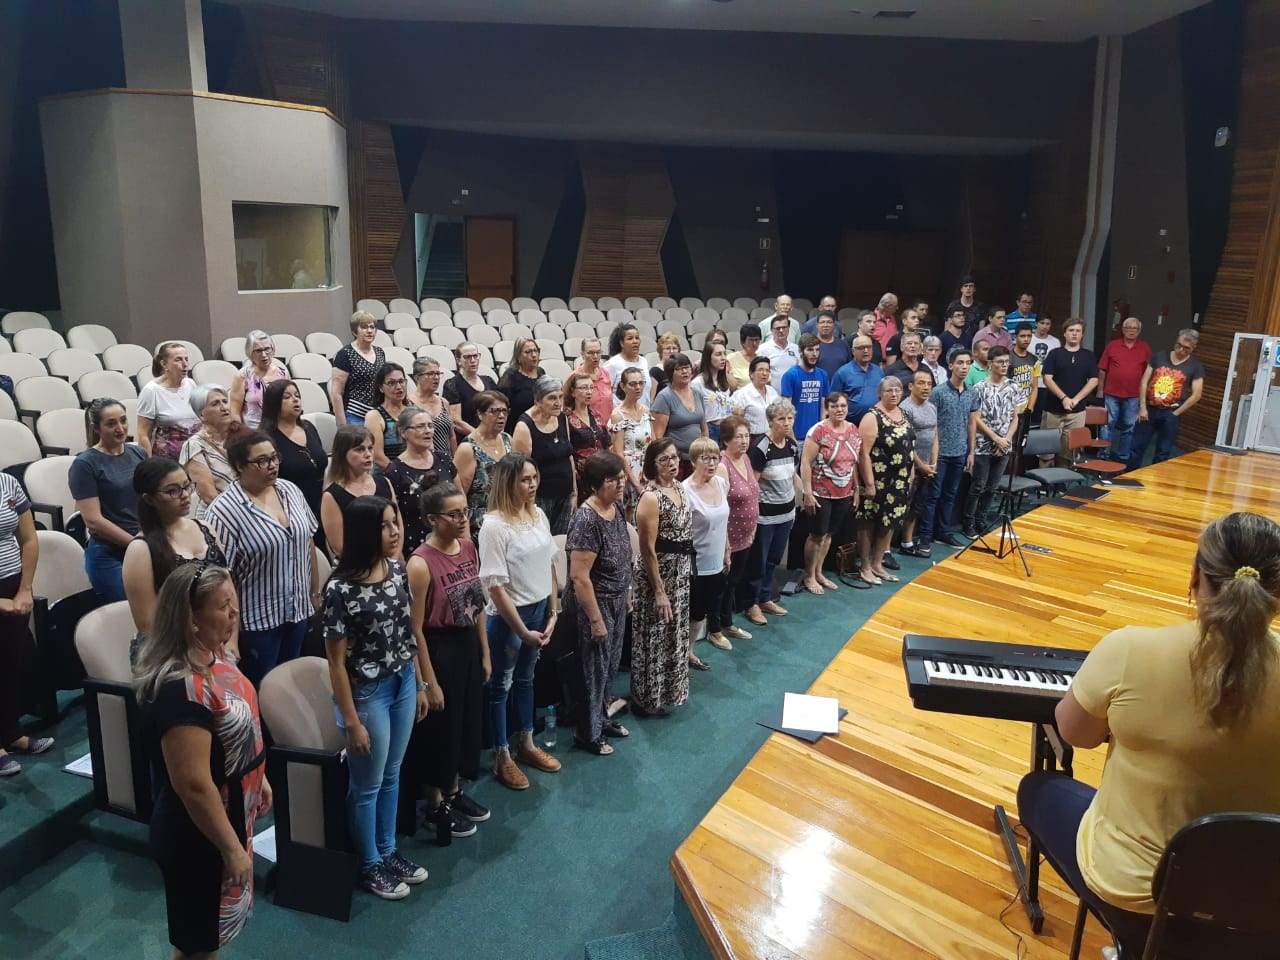 Coral Voz Ativa irá participar de um Importante concerto hoje em Medianeira